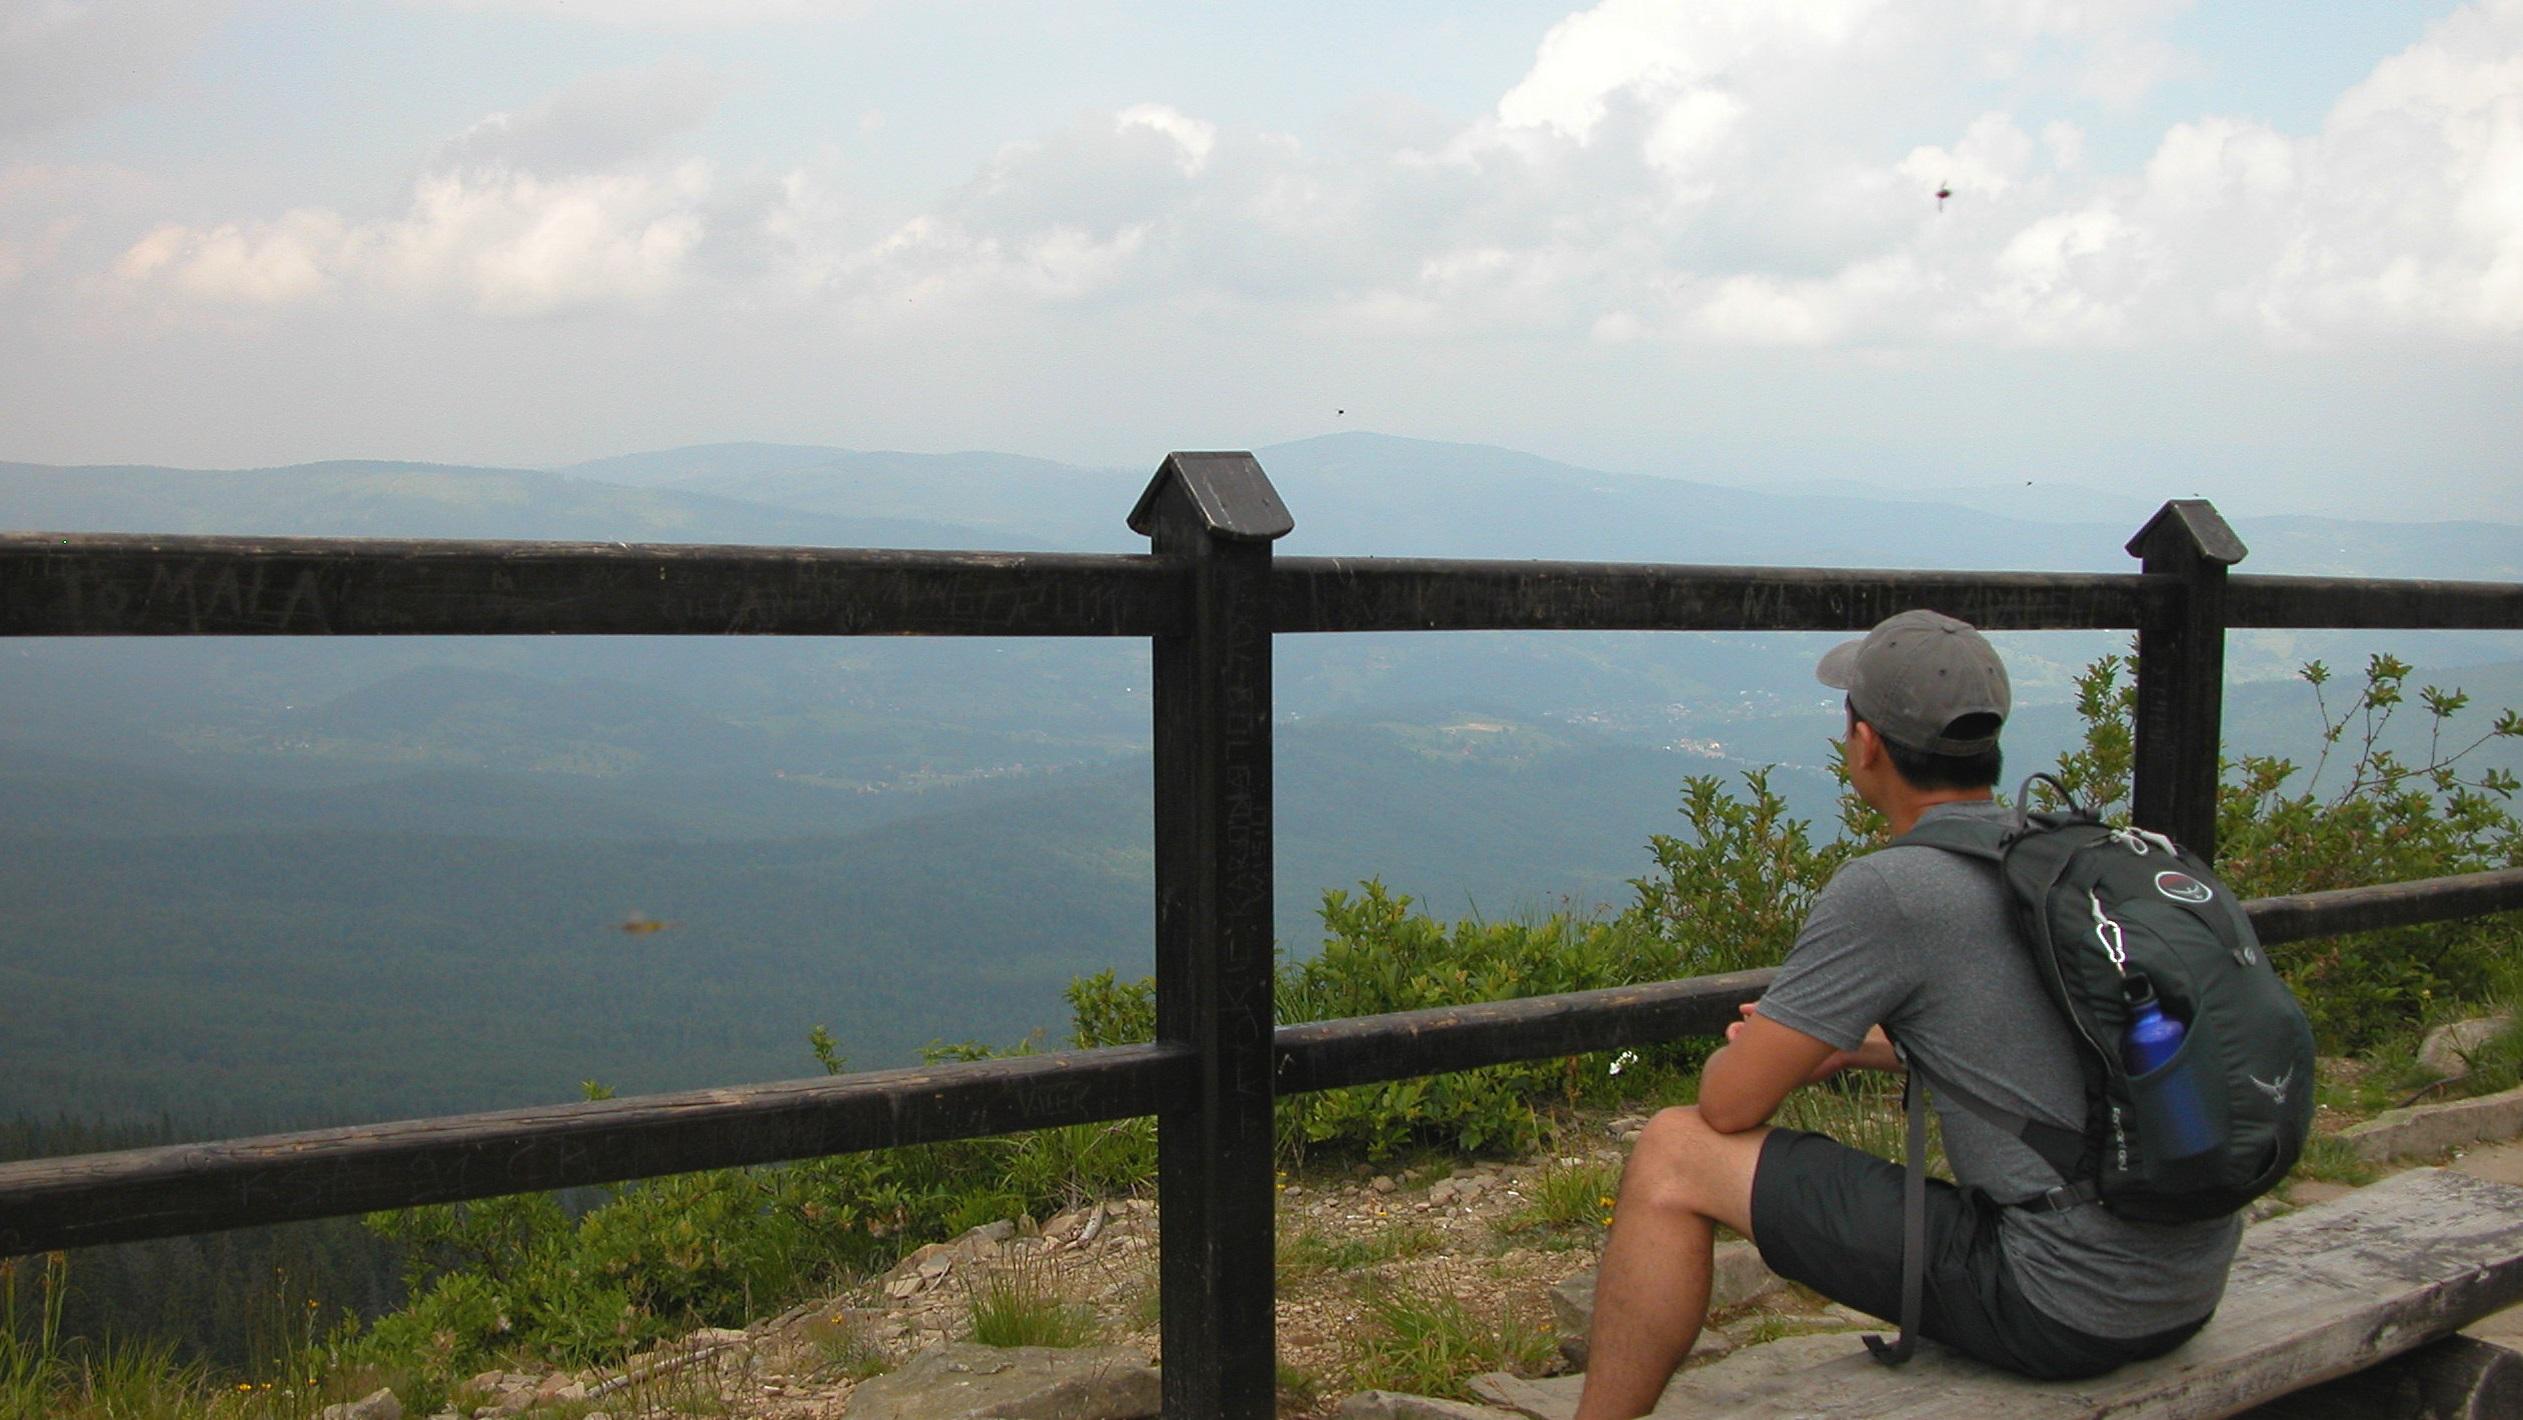 Descending Babia Gora